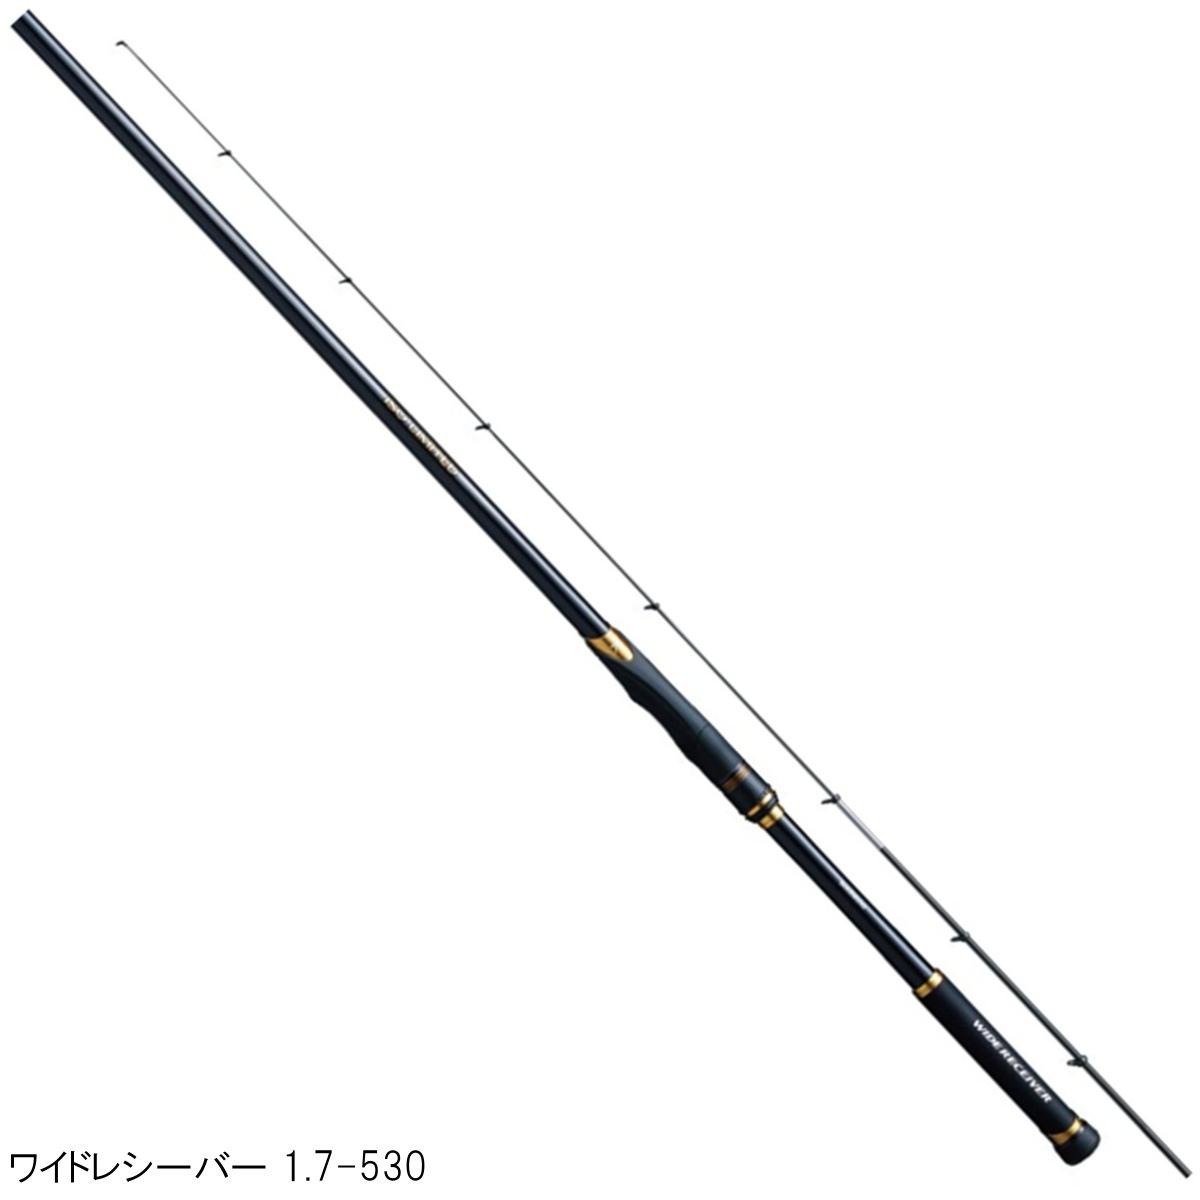 シマノ イソリミテッド ワイドレシーバー 1.7-530【送料無料】